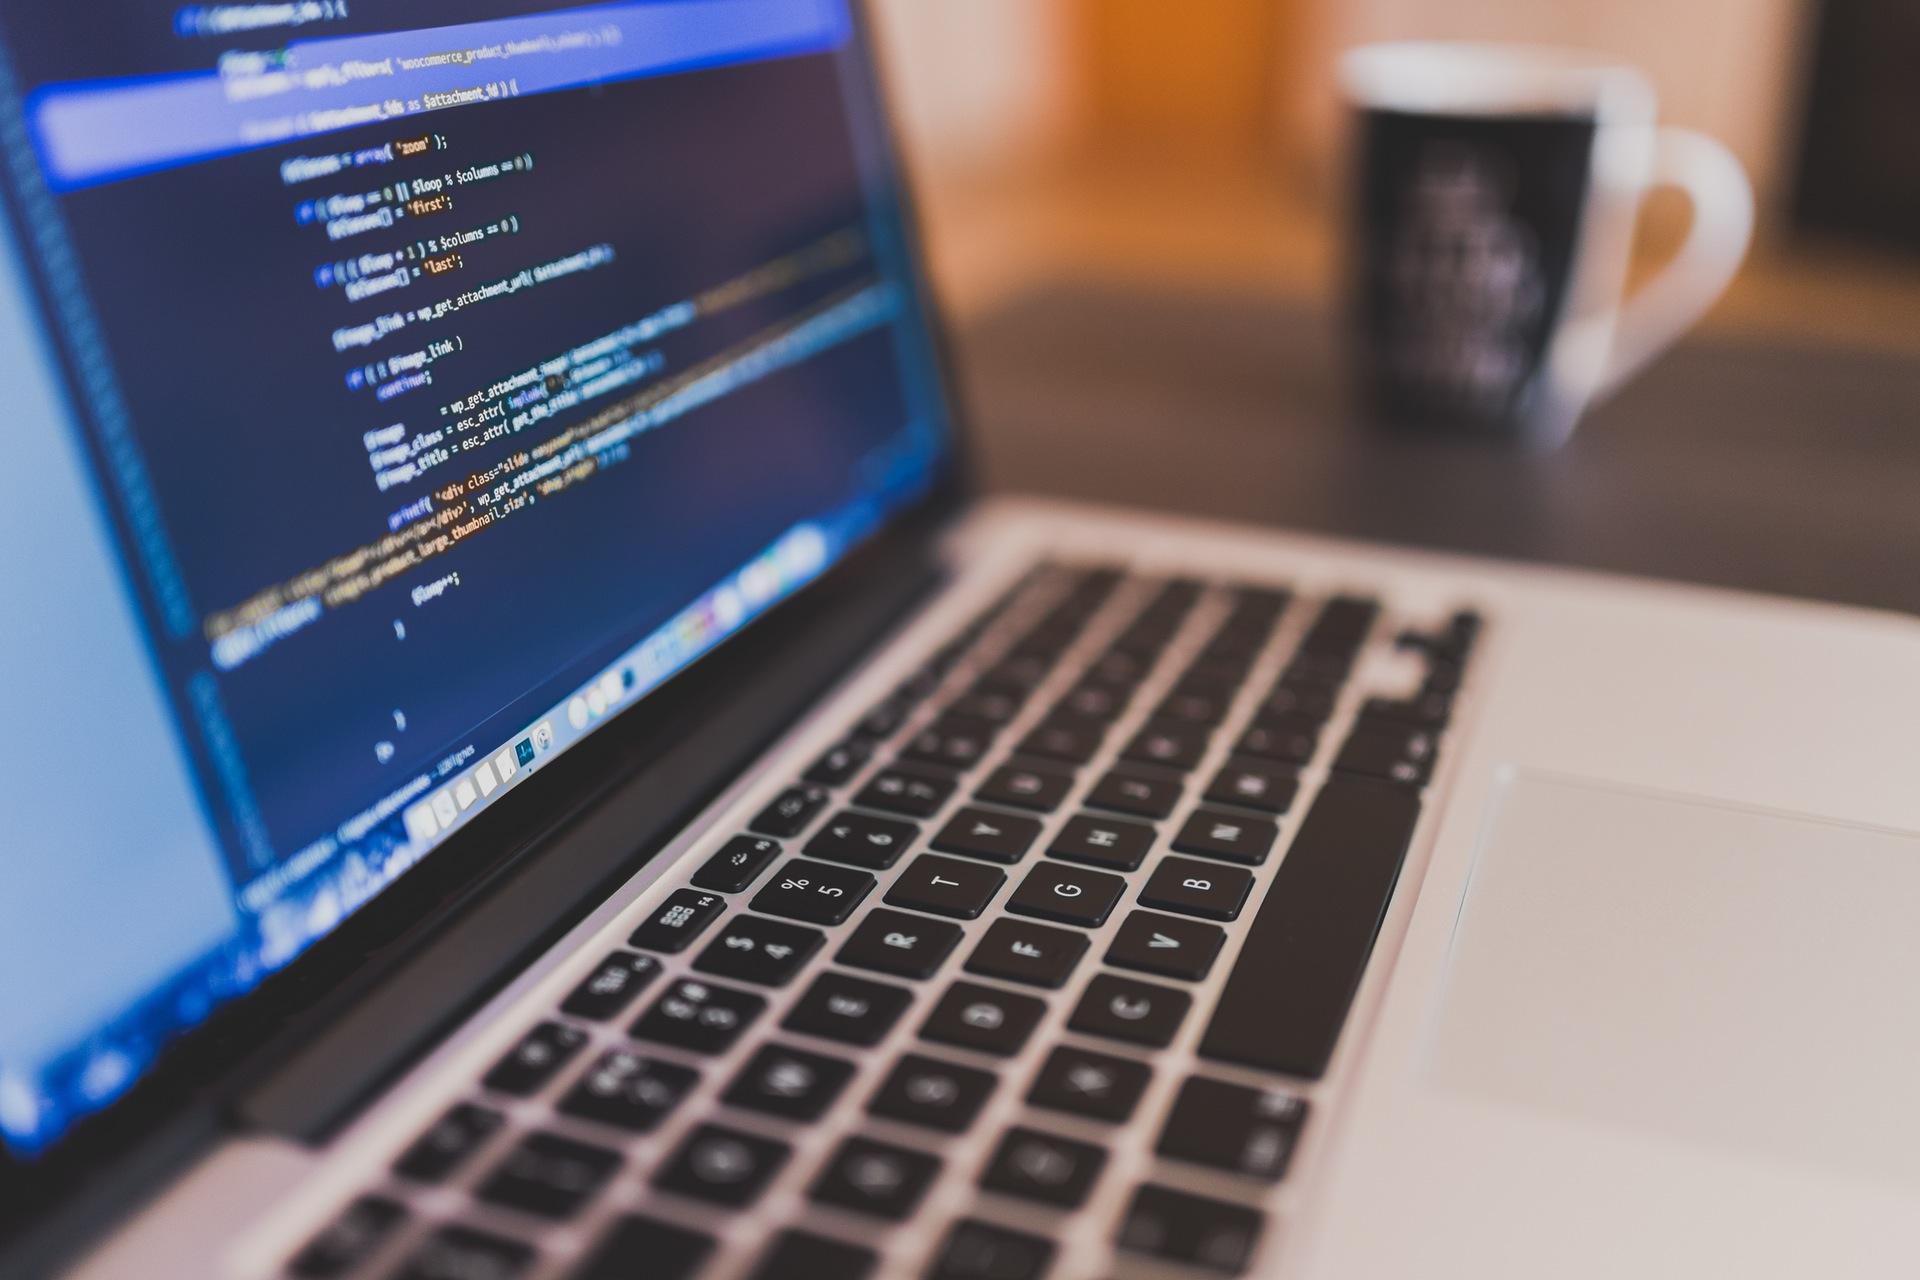 portatile, computer, programmazione, software, MacBook, codice - Sfondi HD - Professor-falken.com